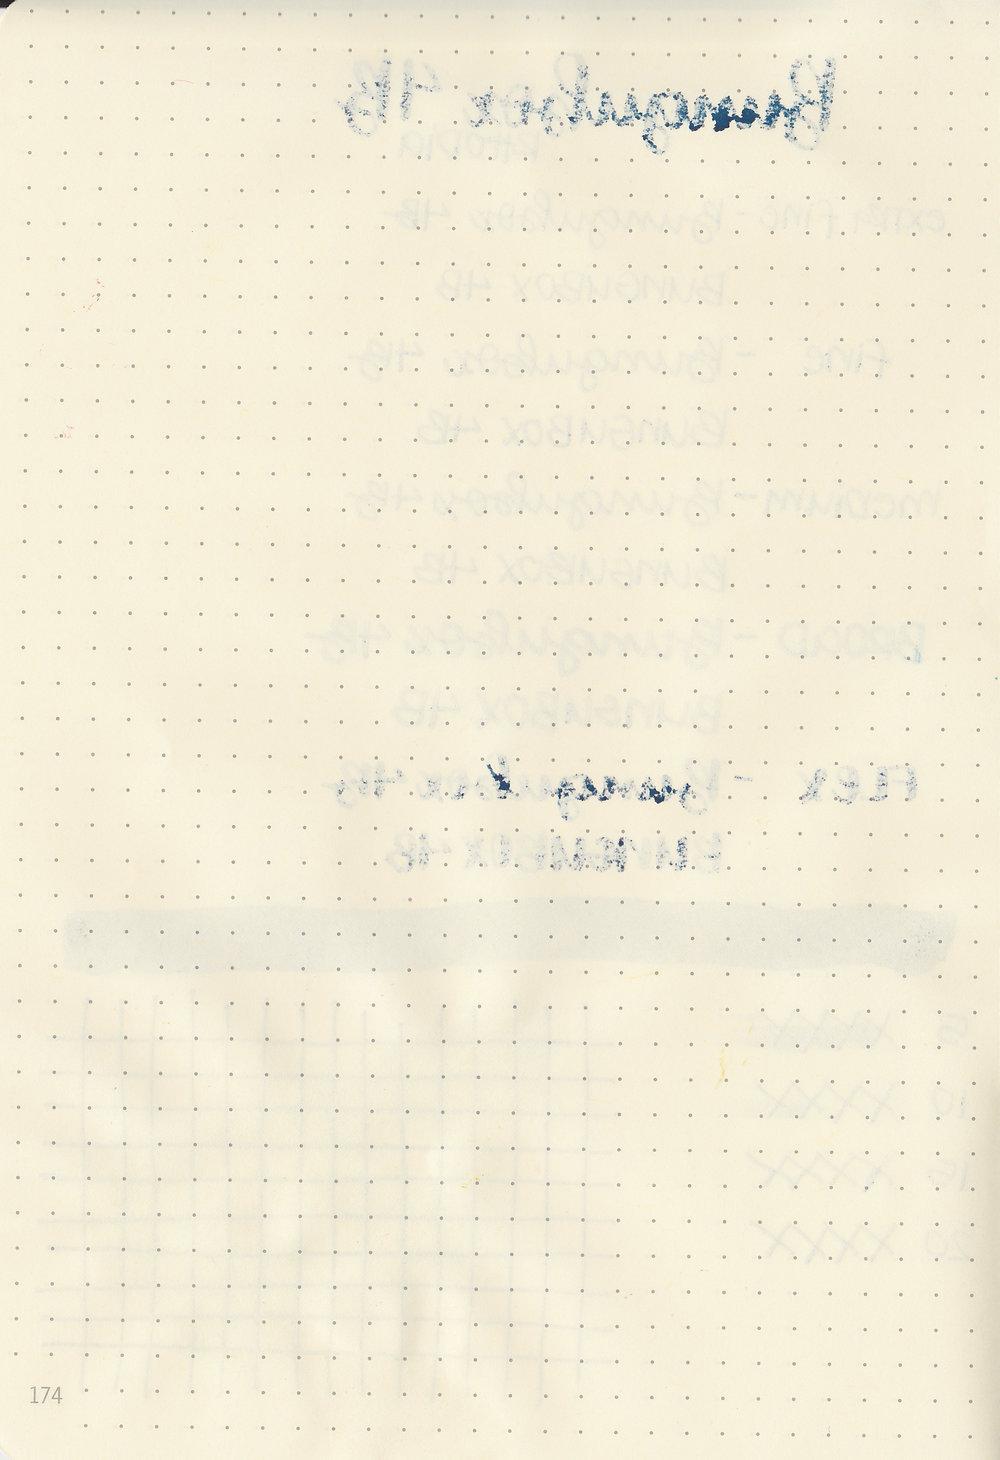 bb-4b-7.jpg